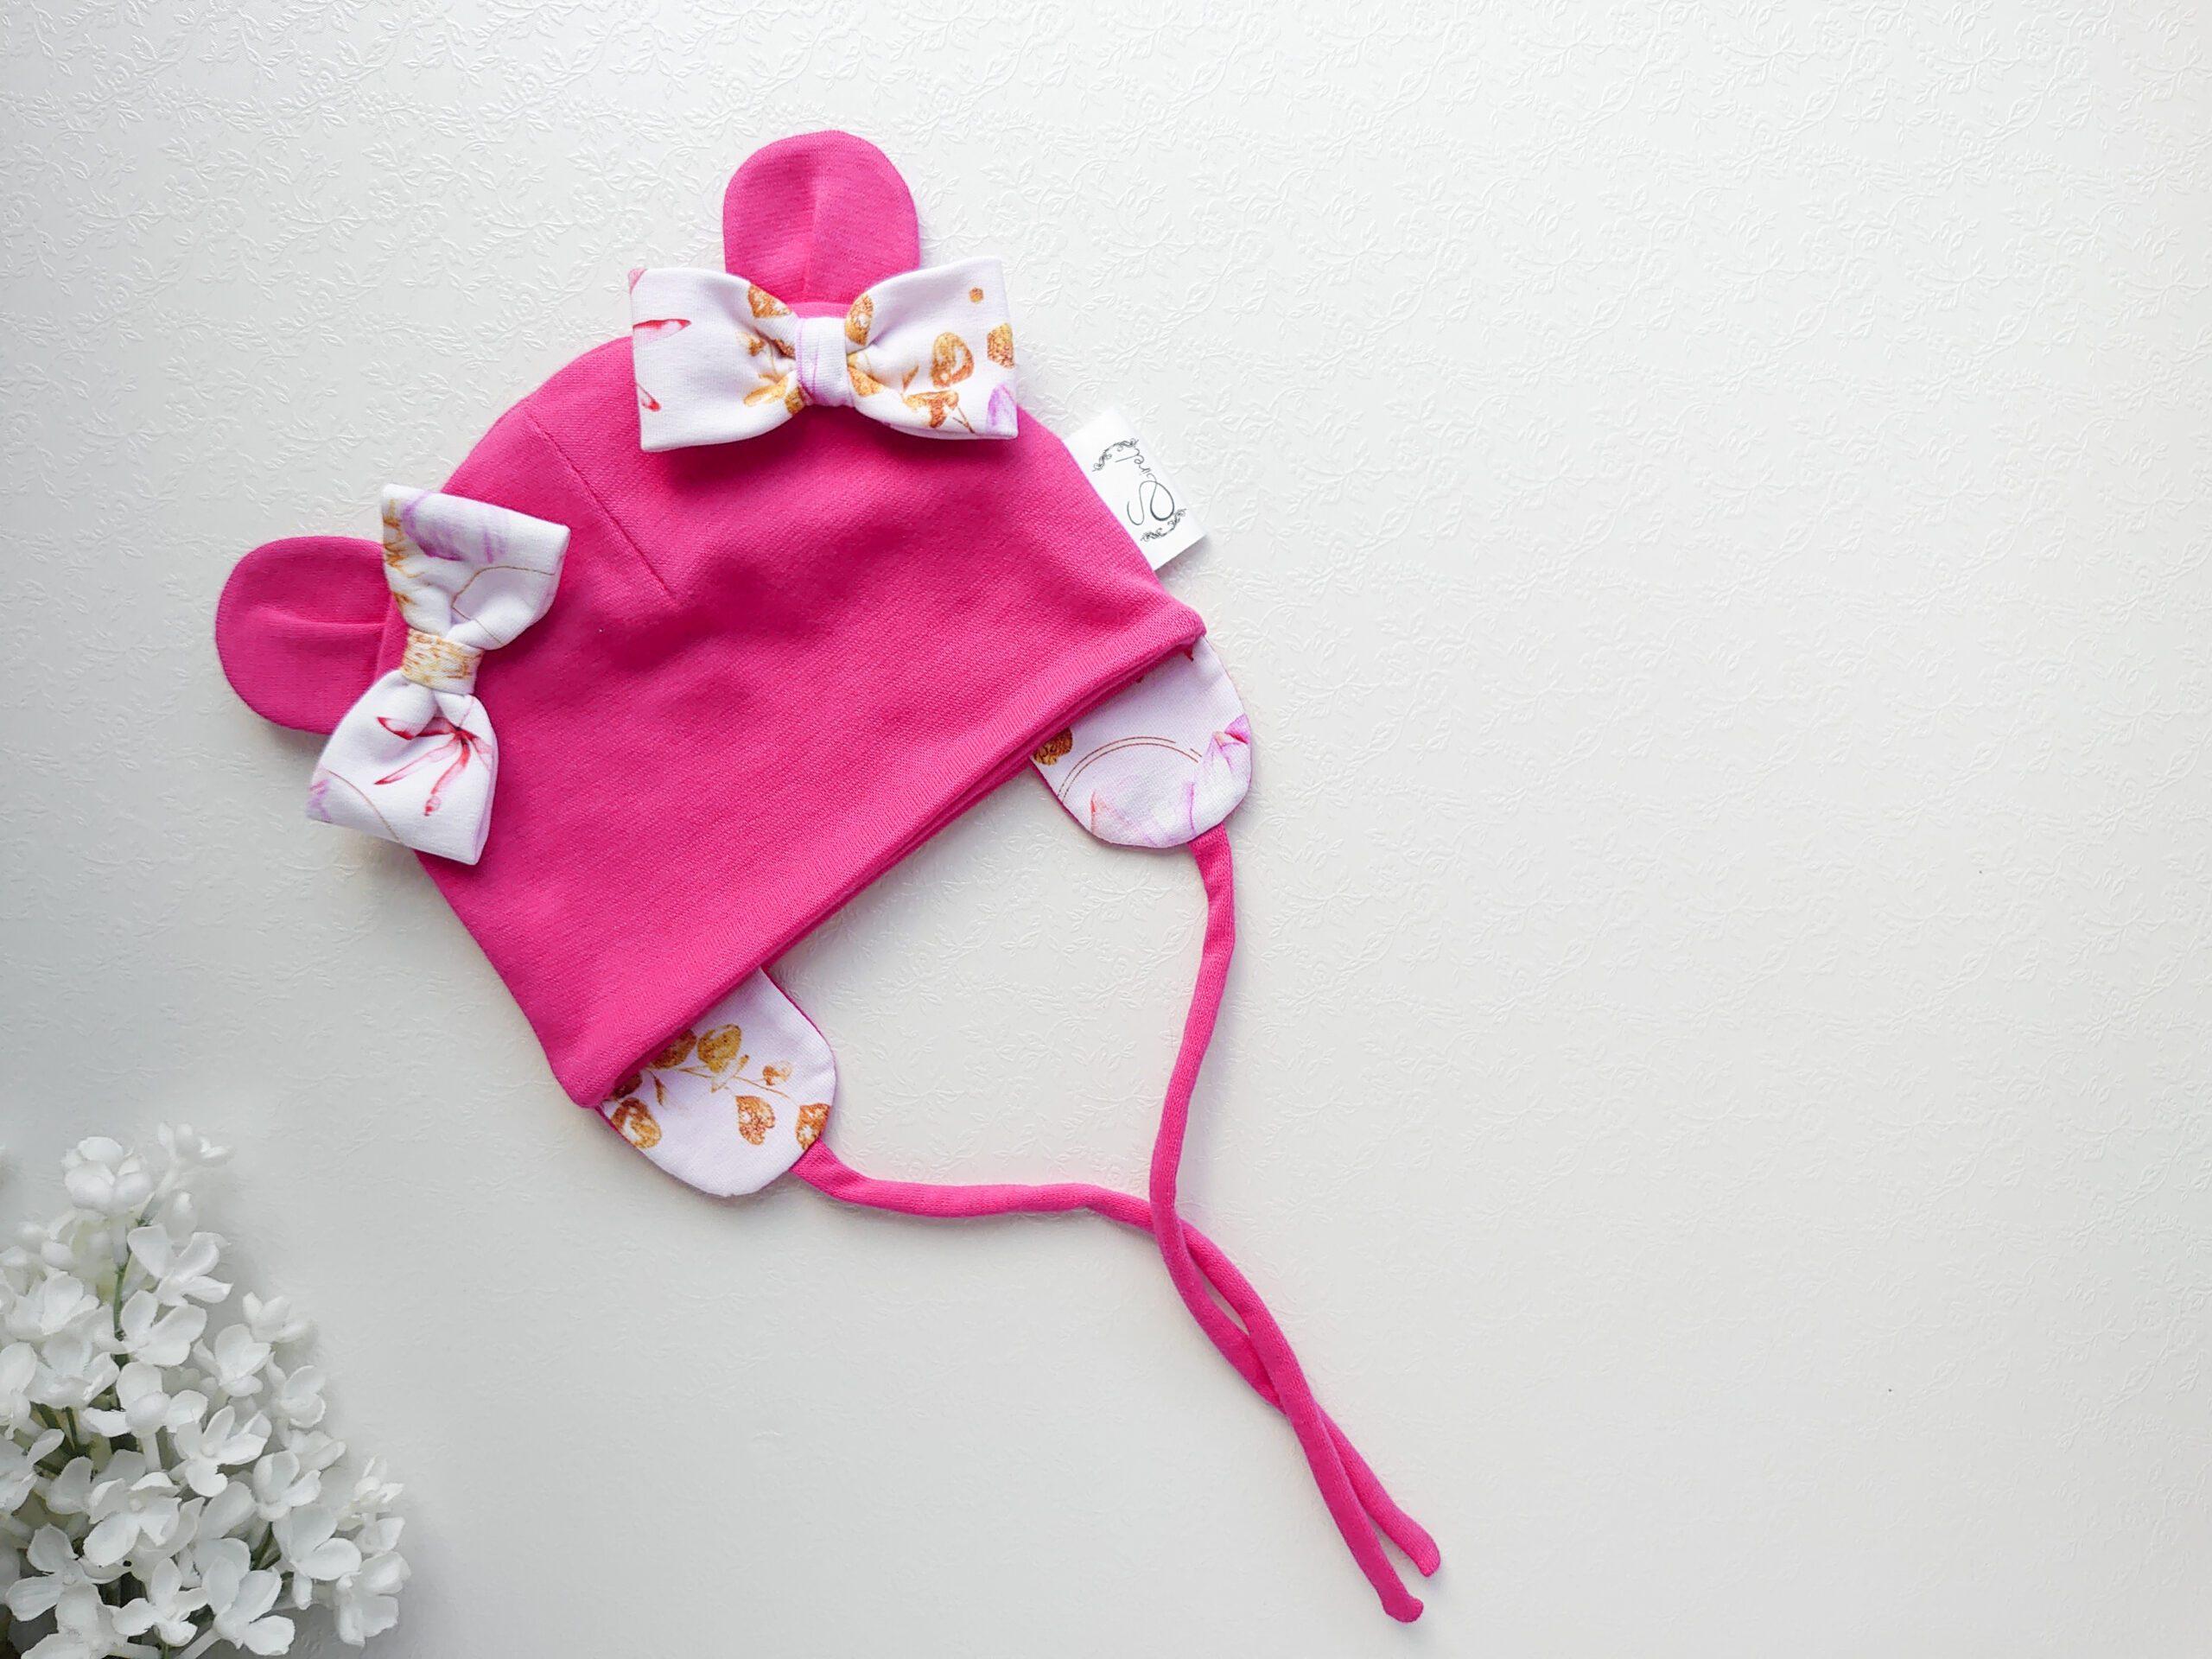 Fuksiaroosa-kõrvadega-ja-lipsudega-beebimüts-kevadeks-ja-sügiseks-kevadmüts-sügismüts-tüdrukutele-beebile31